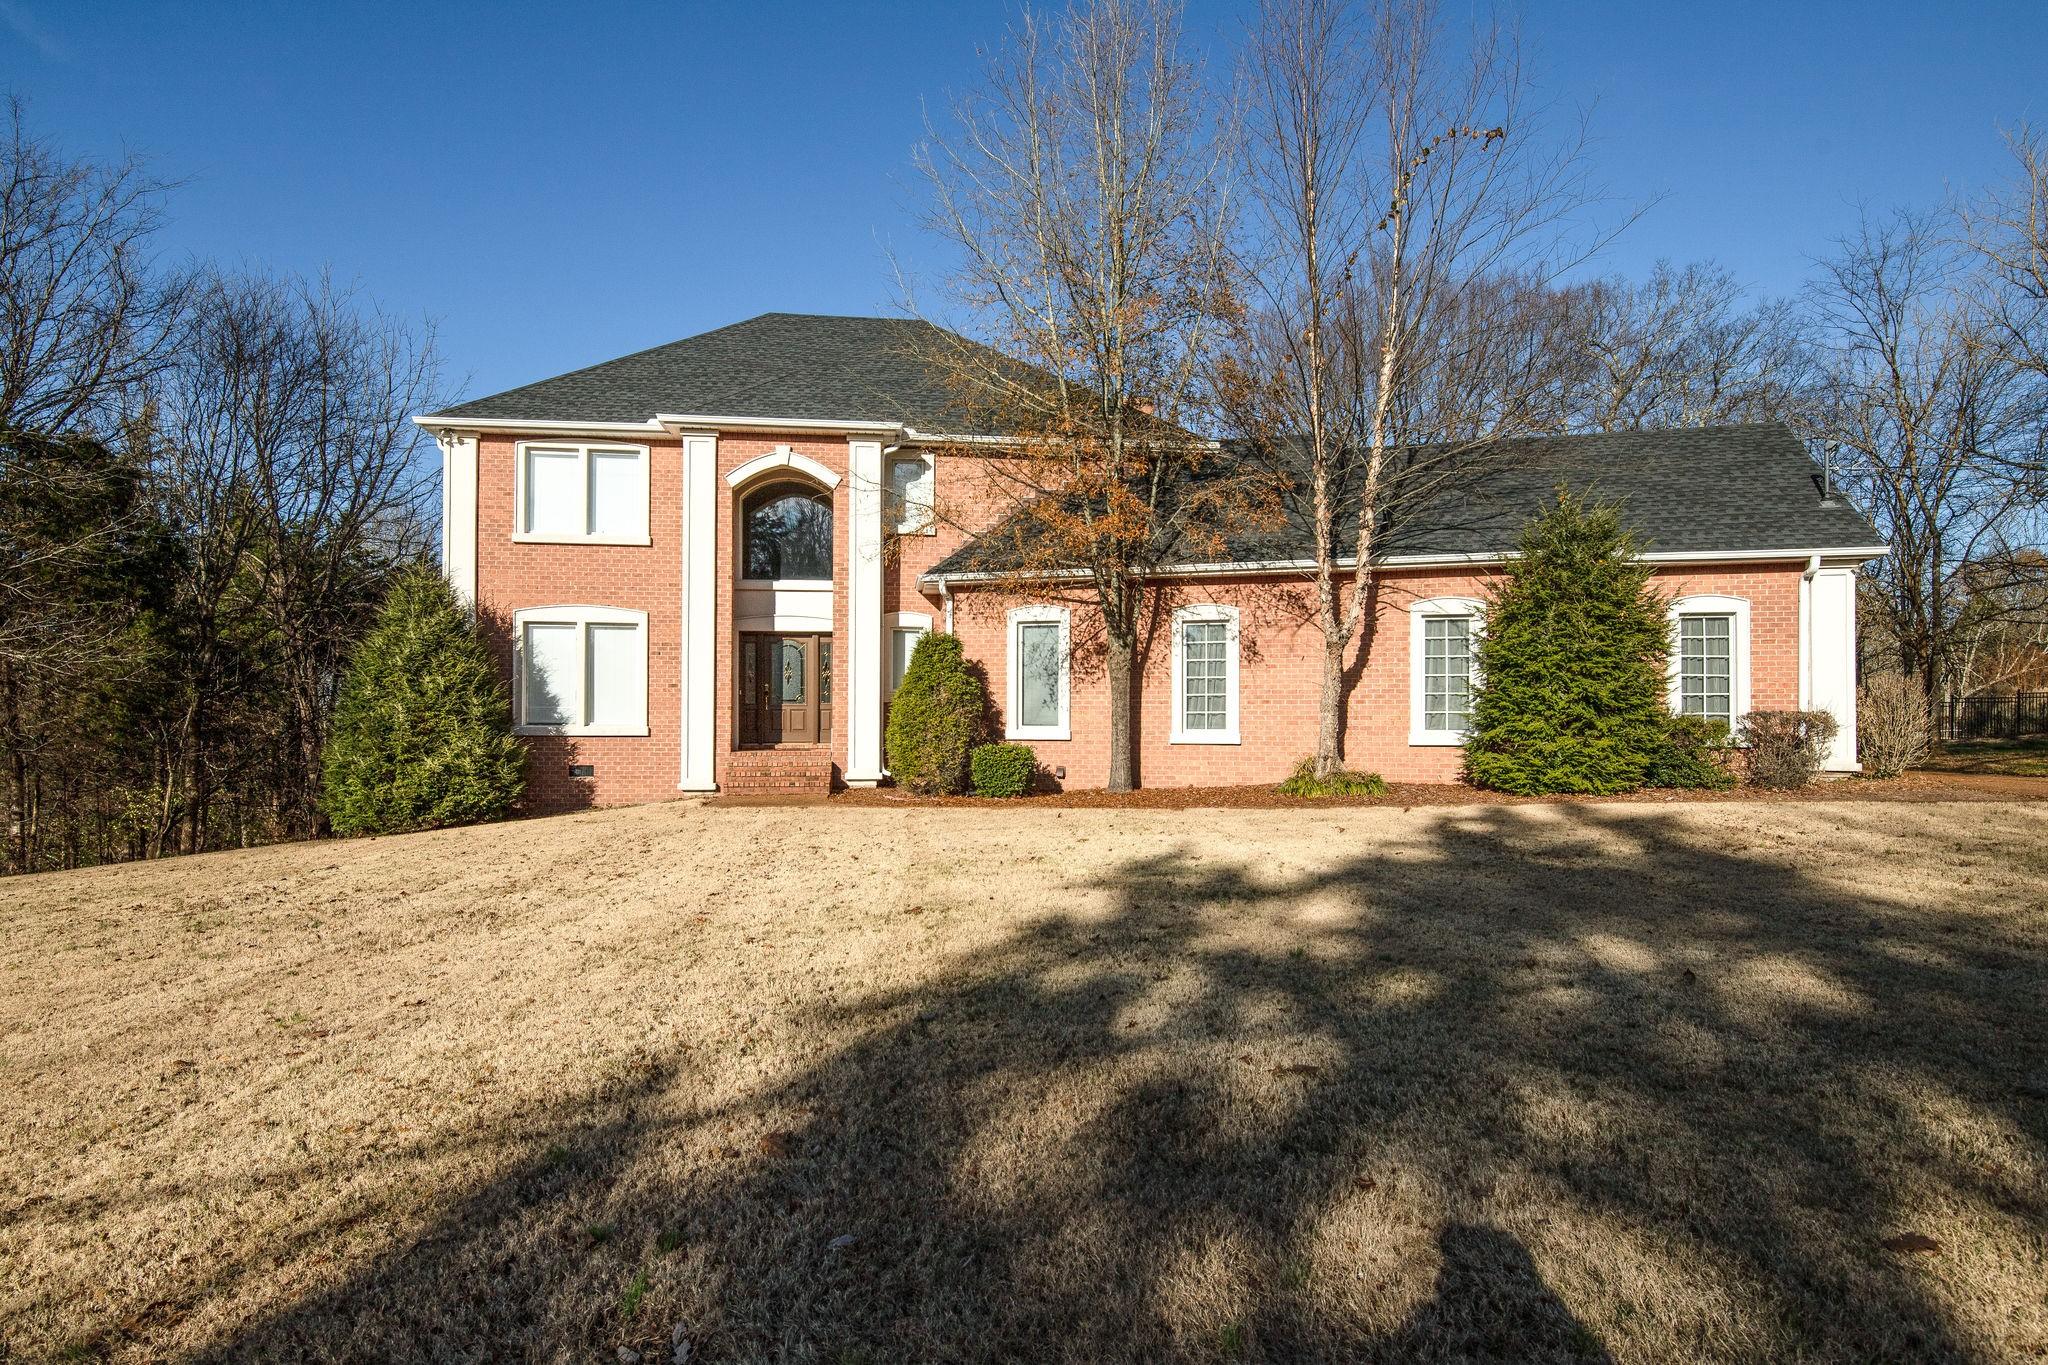 1134 Stirlingshire Dr, Hendersonville, TN 37075 - Hendersonville, TN real estate listing